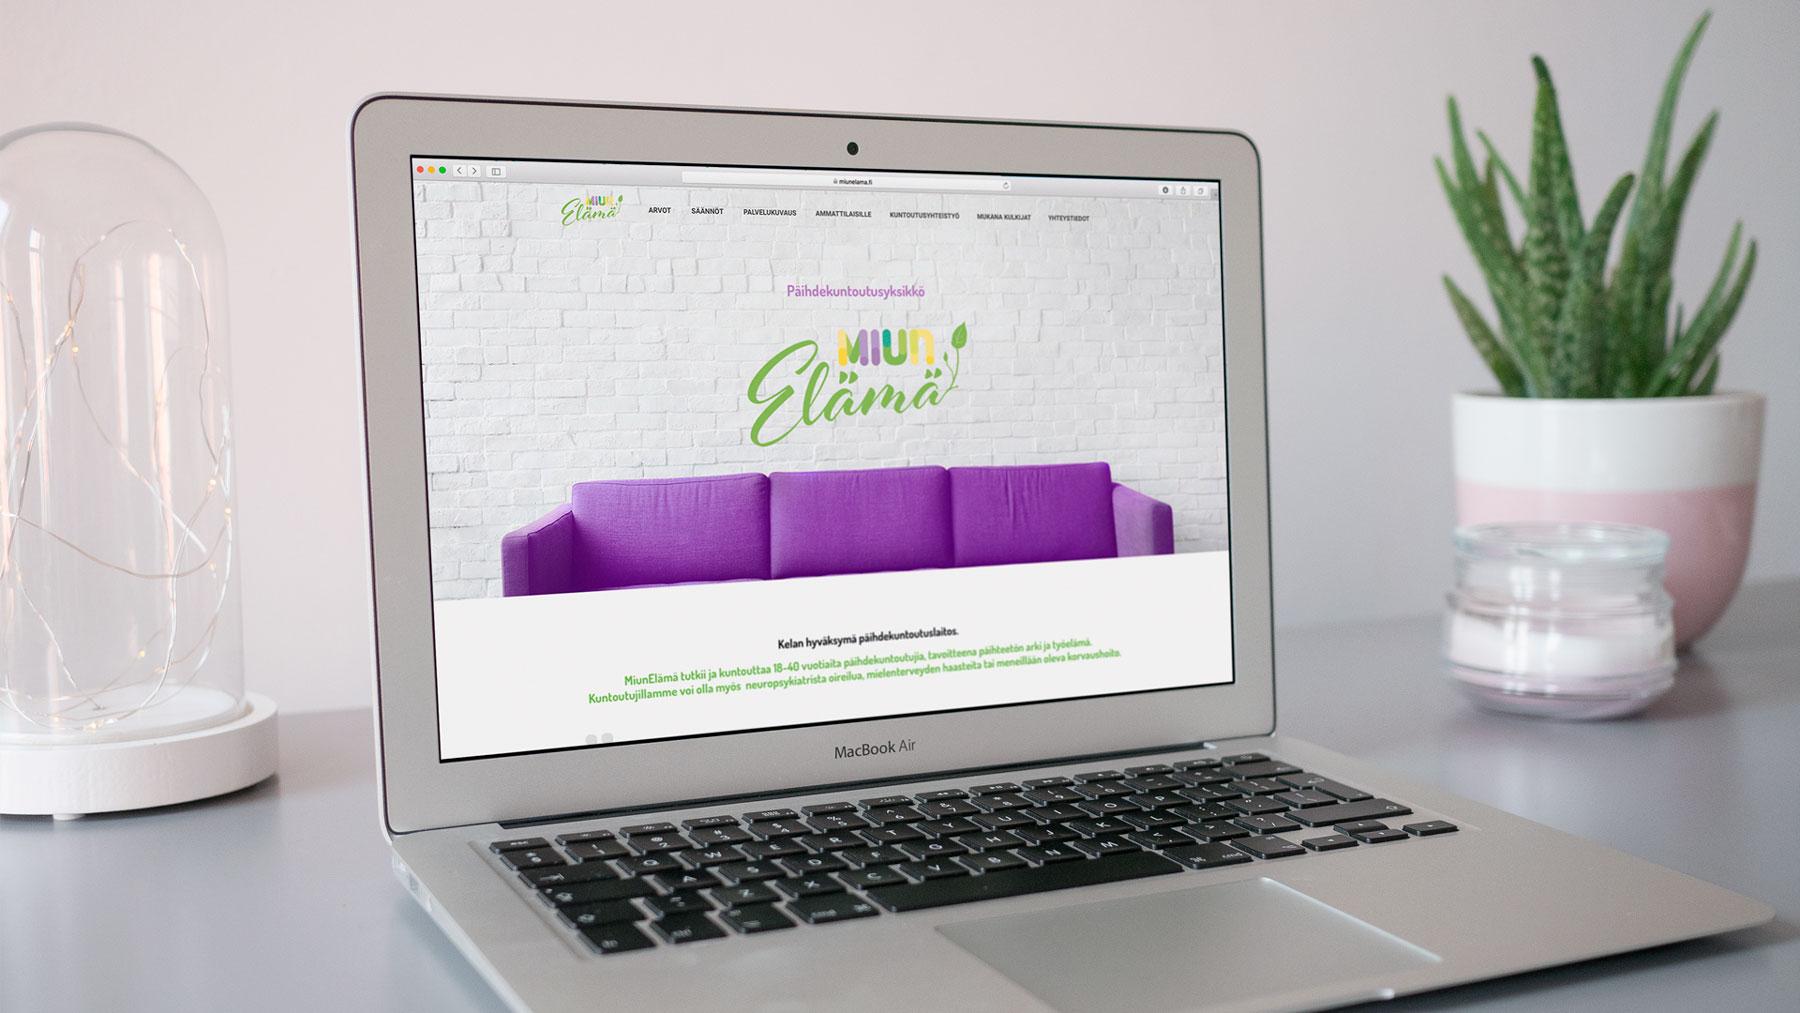 antibox miunelämä verkkosivut